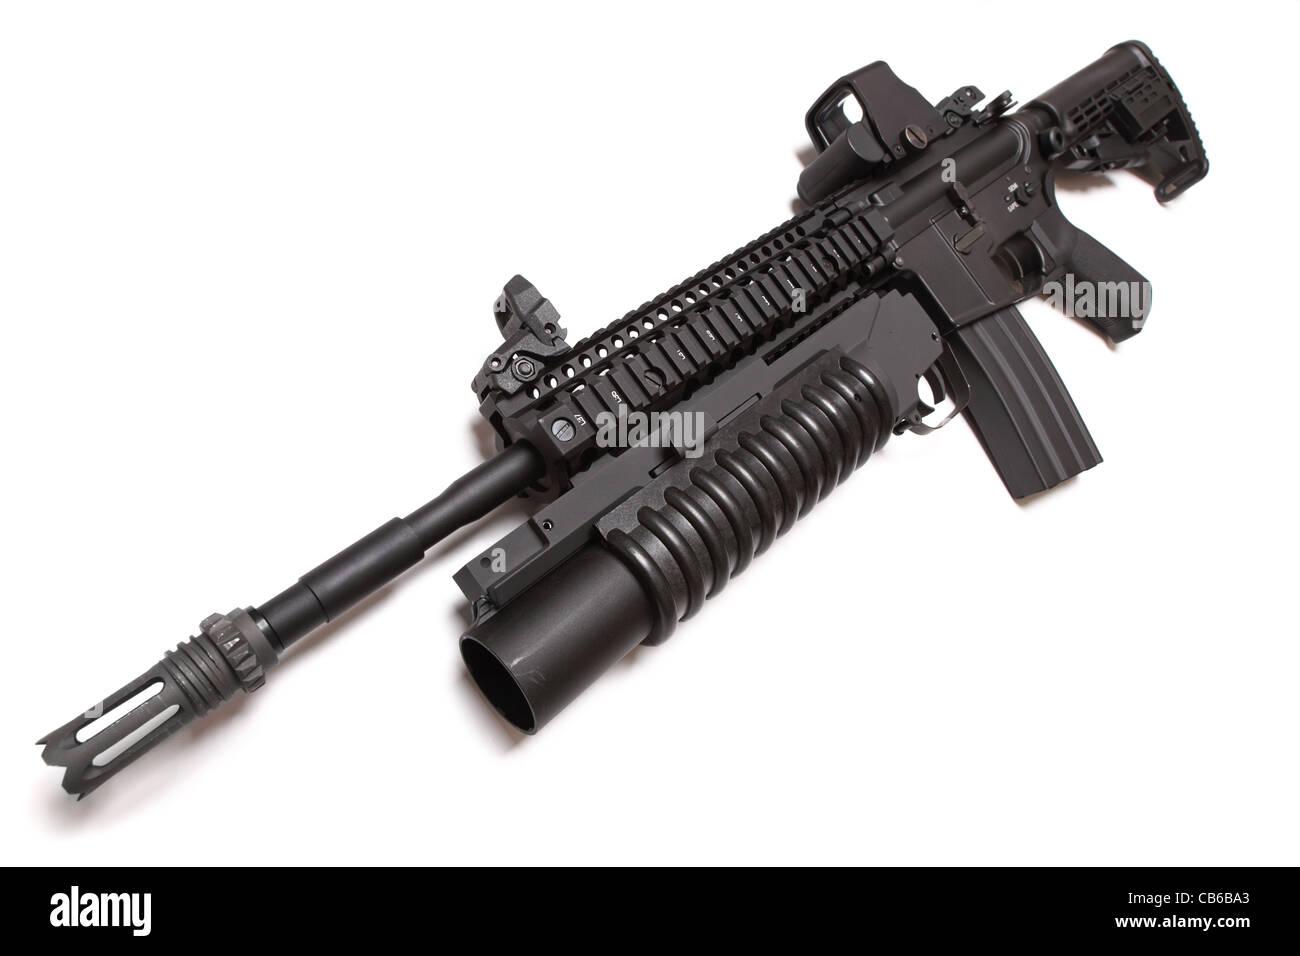 US Army M4A1 Carbine tactique avec lance-grenades M203 louncher. Isolé sur un fond blanc. Banque D'Images